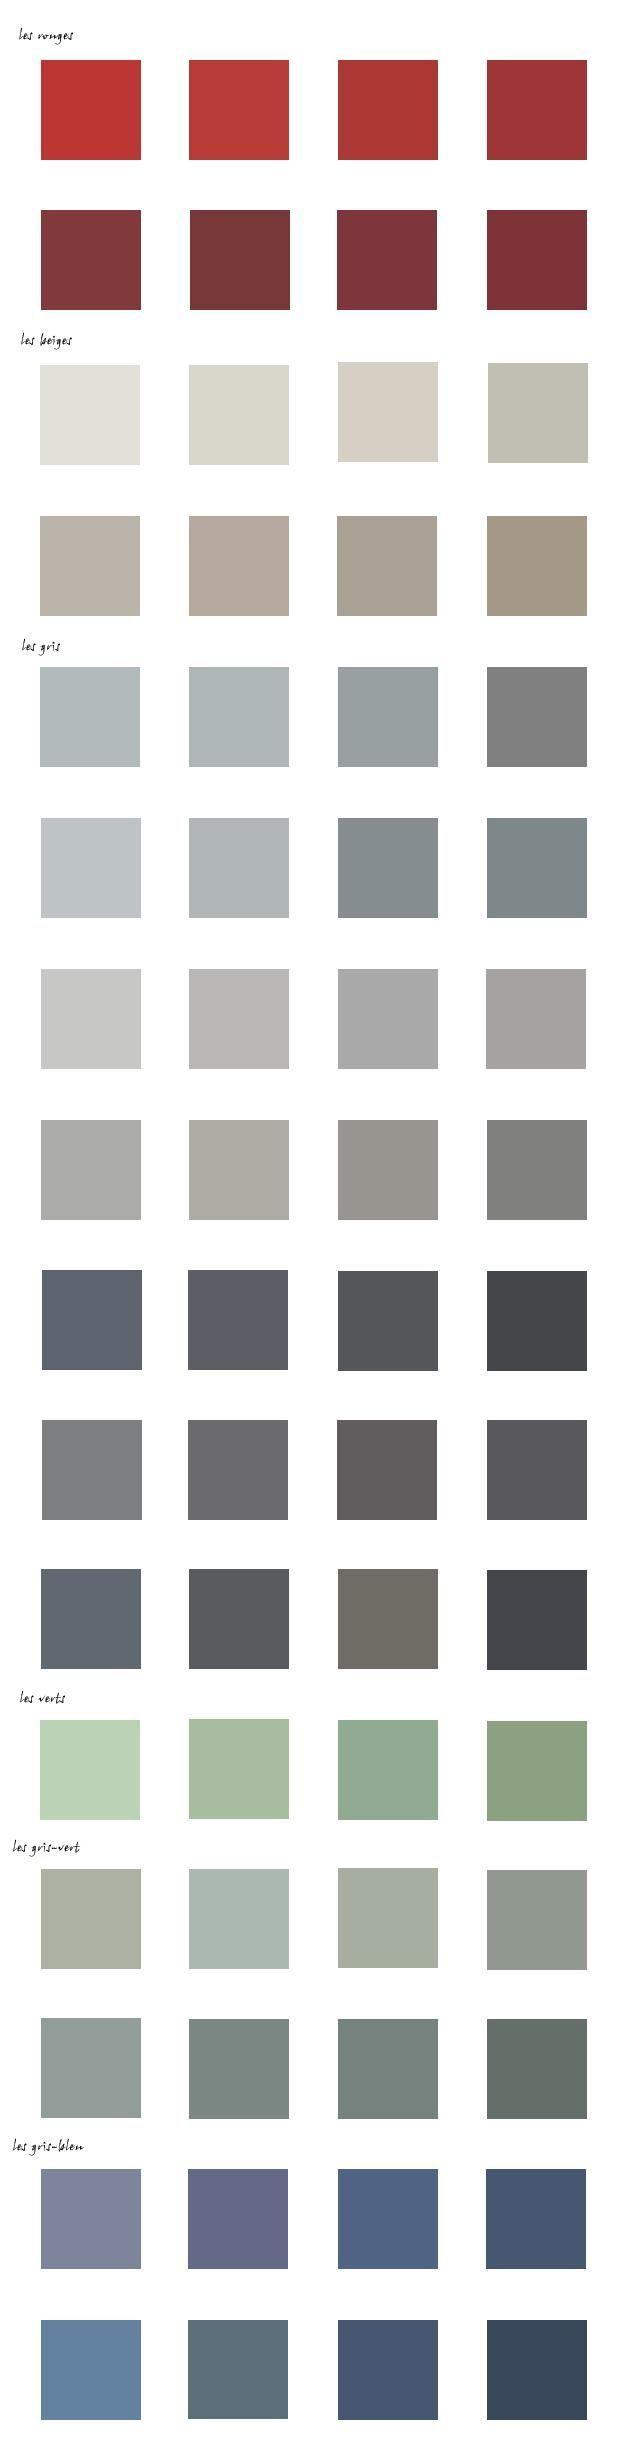 Le Nuancier Des Couleurs Abf 37 Abf Couleurs Des Le Nuancier Colorful Interiors Interior Design Paint Color Chart